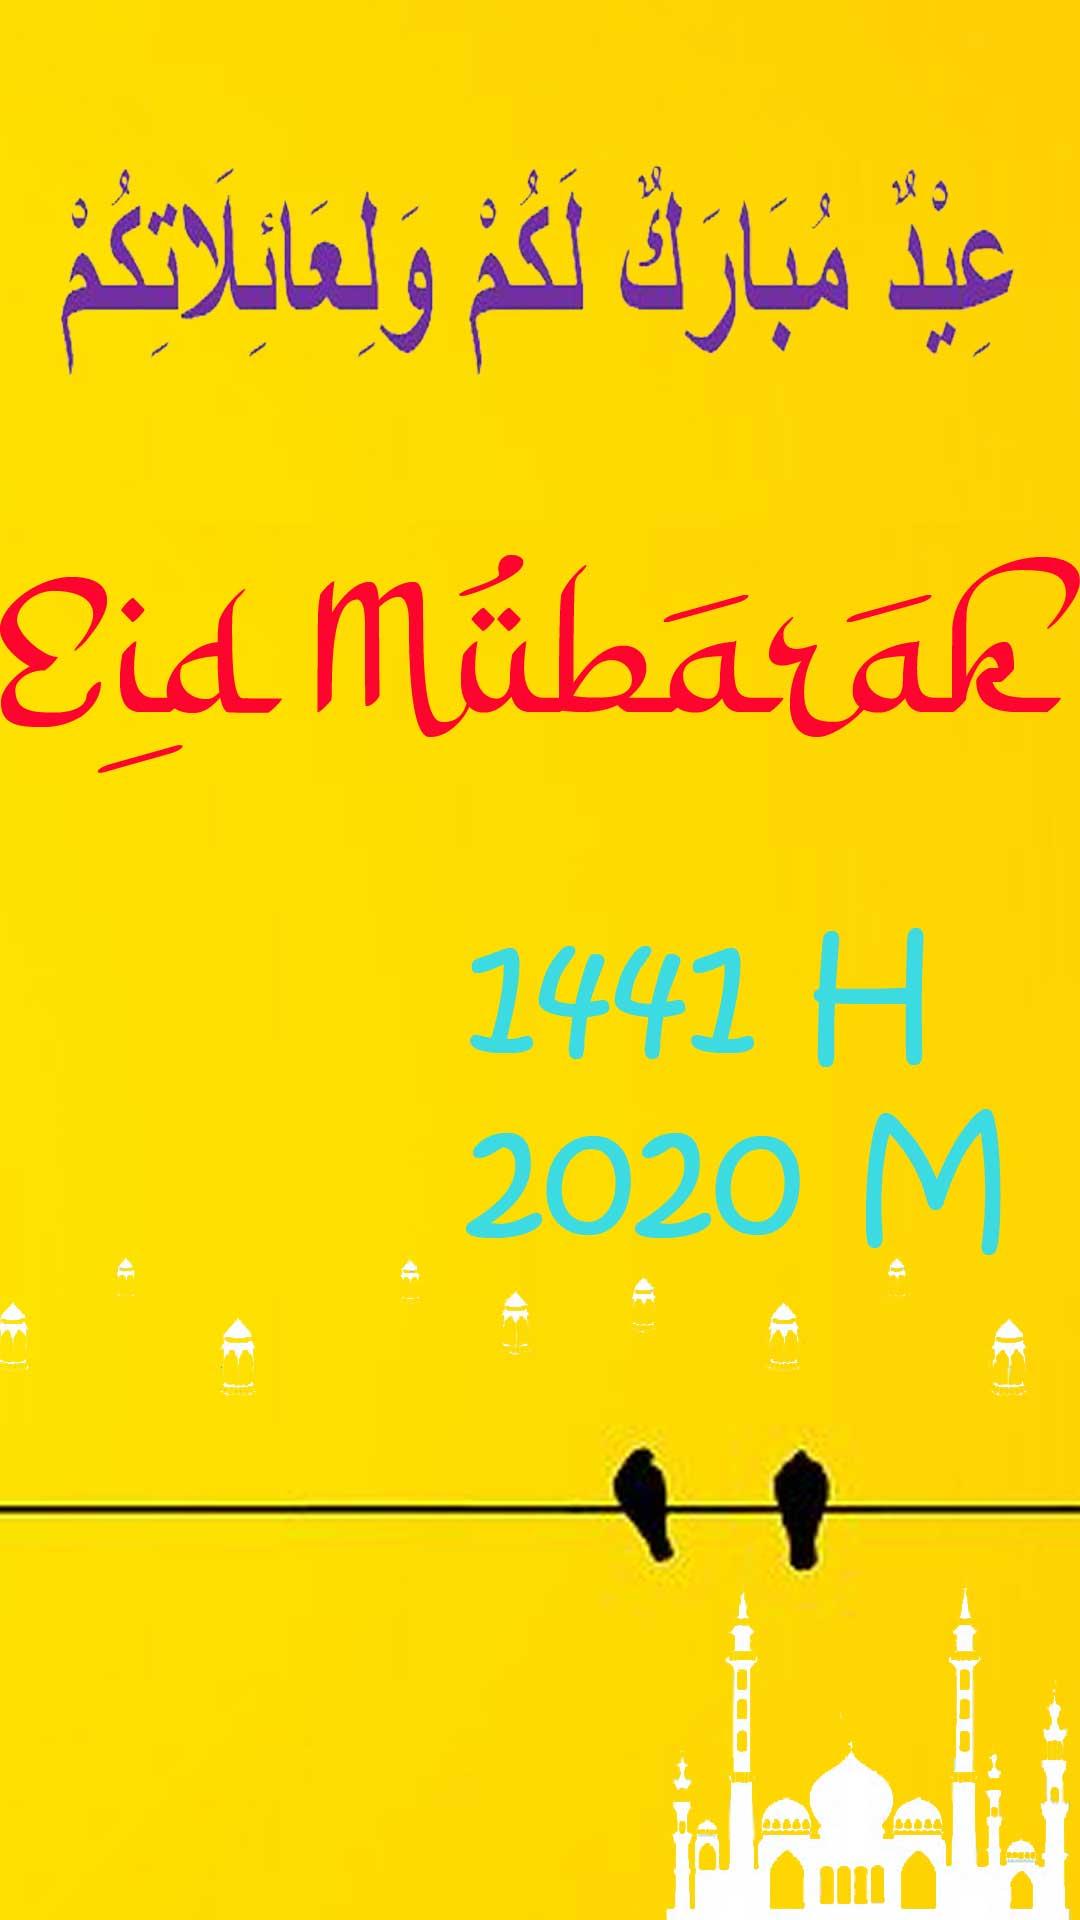 - Selamat Lebaran Idul Fitri 2020 H 1441 M Bahasa Arab Pontren.com